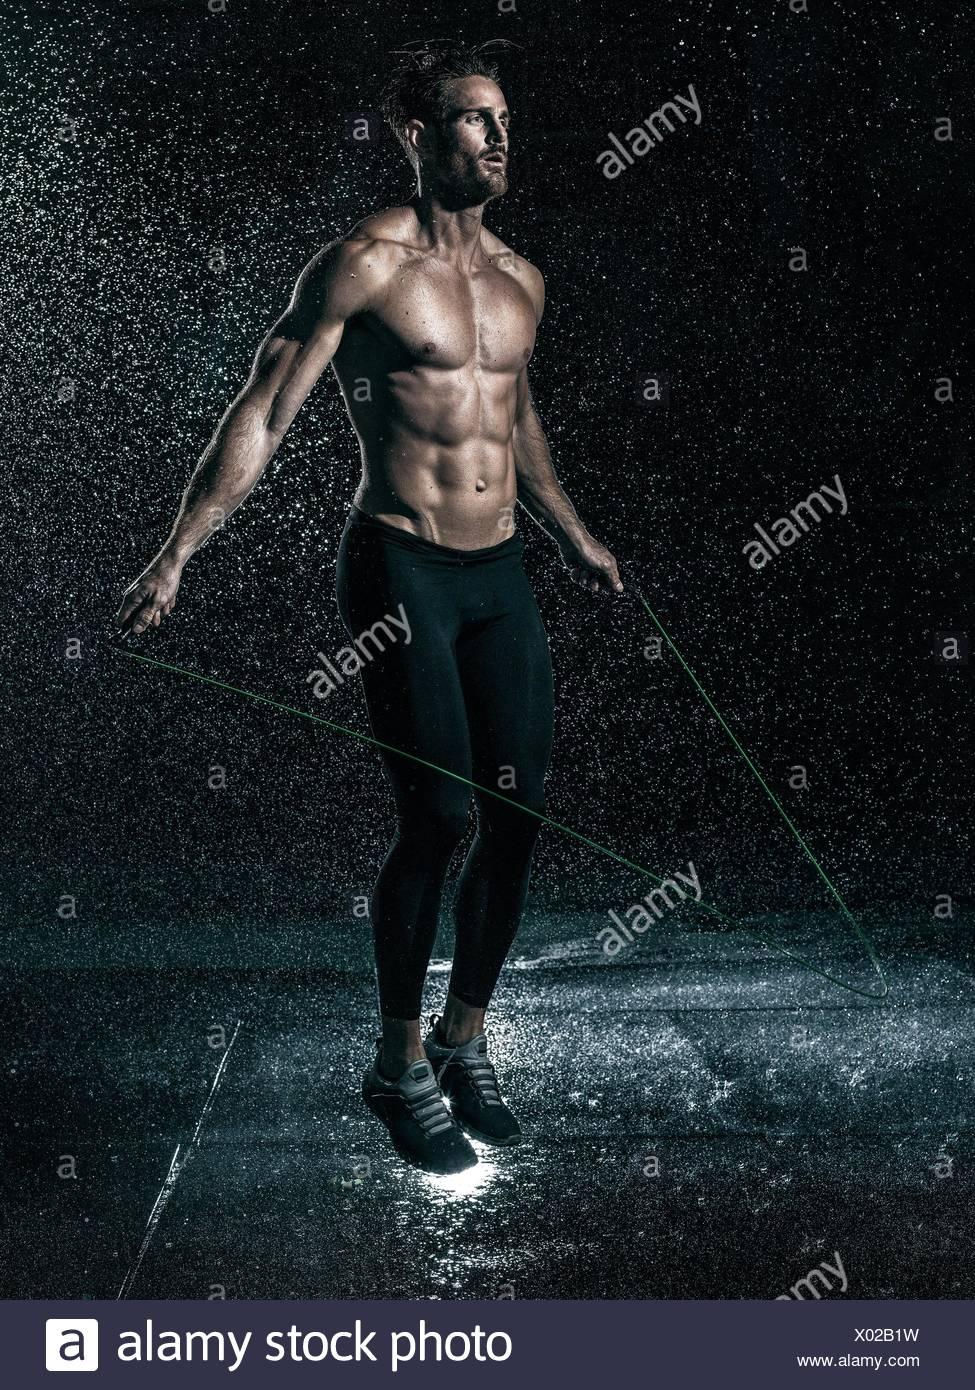 Mitte erwachsenen Mannes im Freien, überspringen in Regen Stockbild